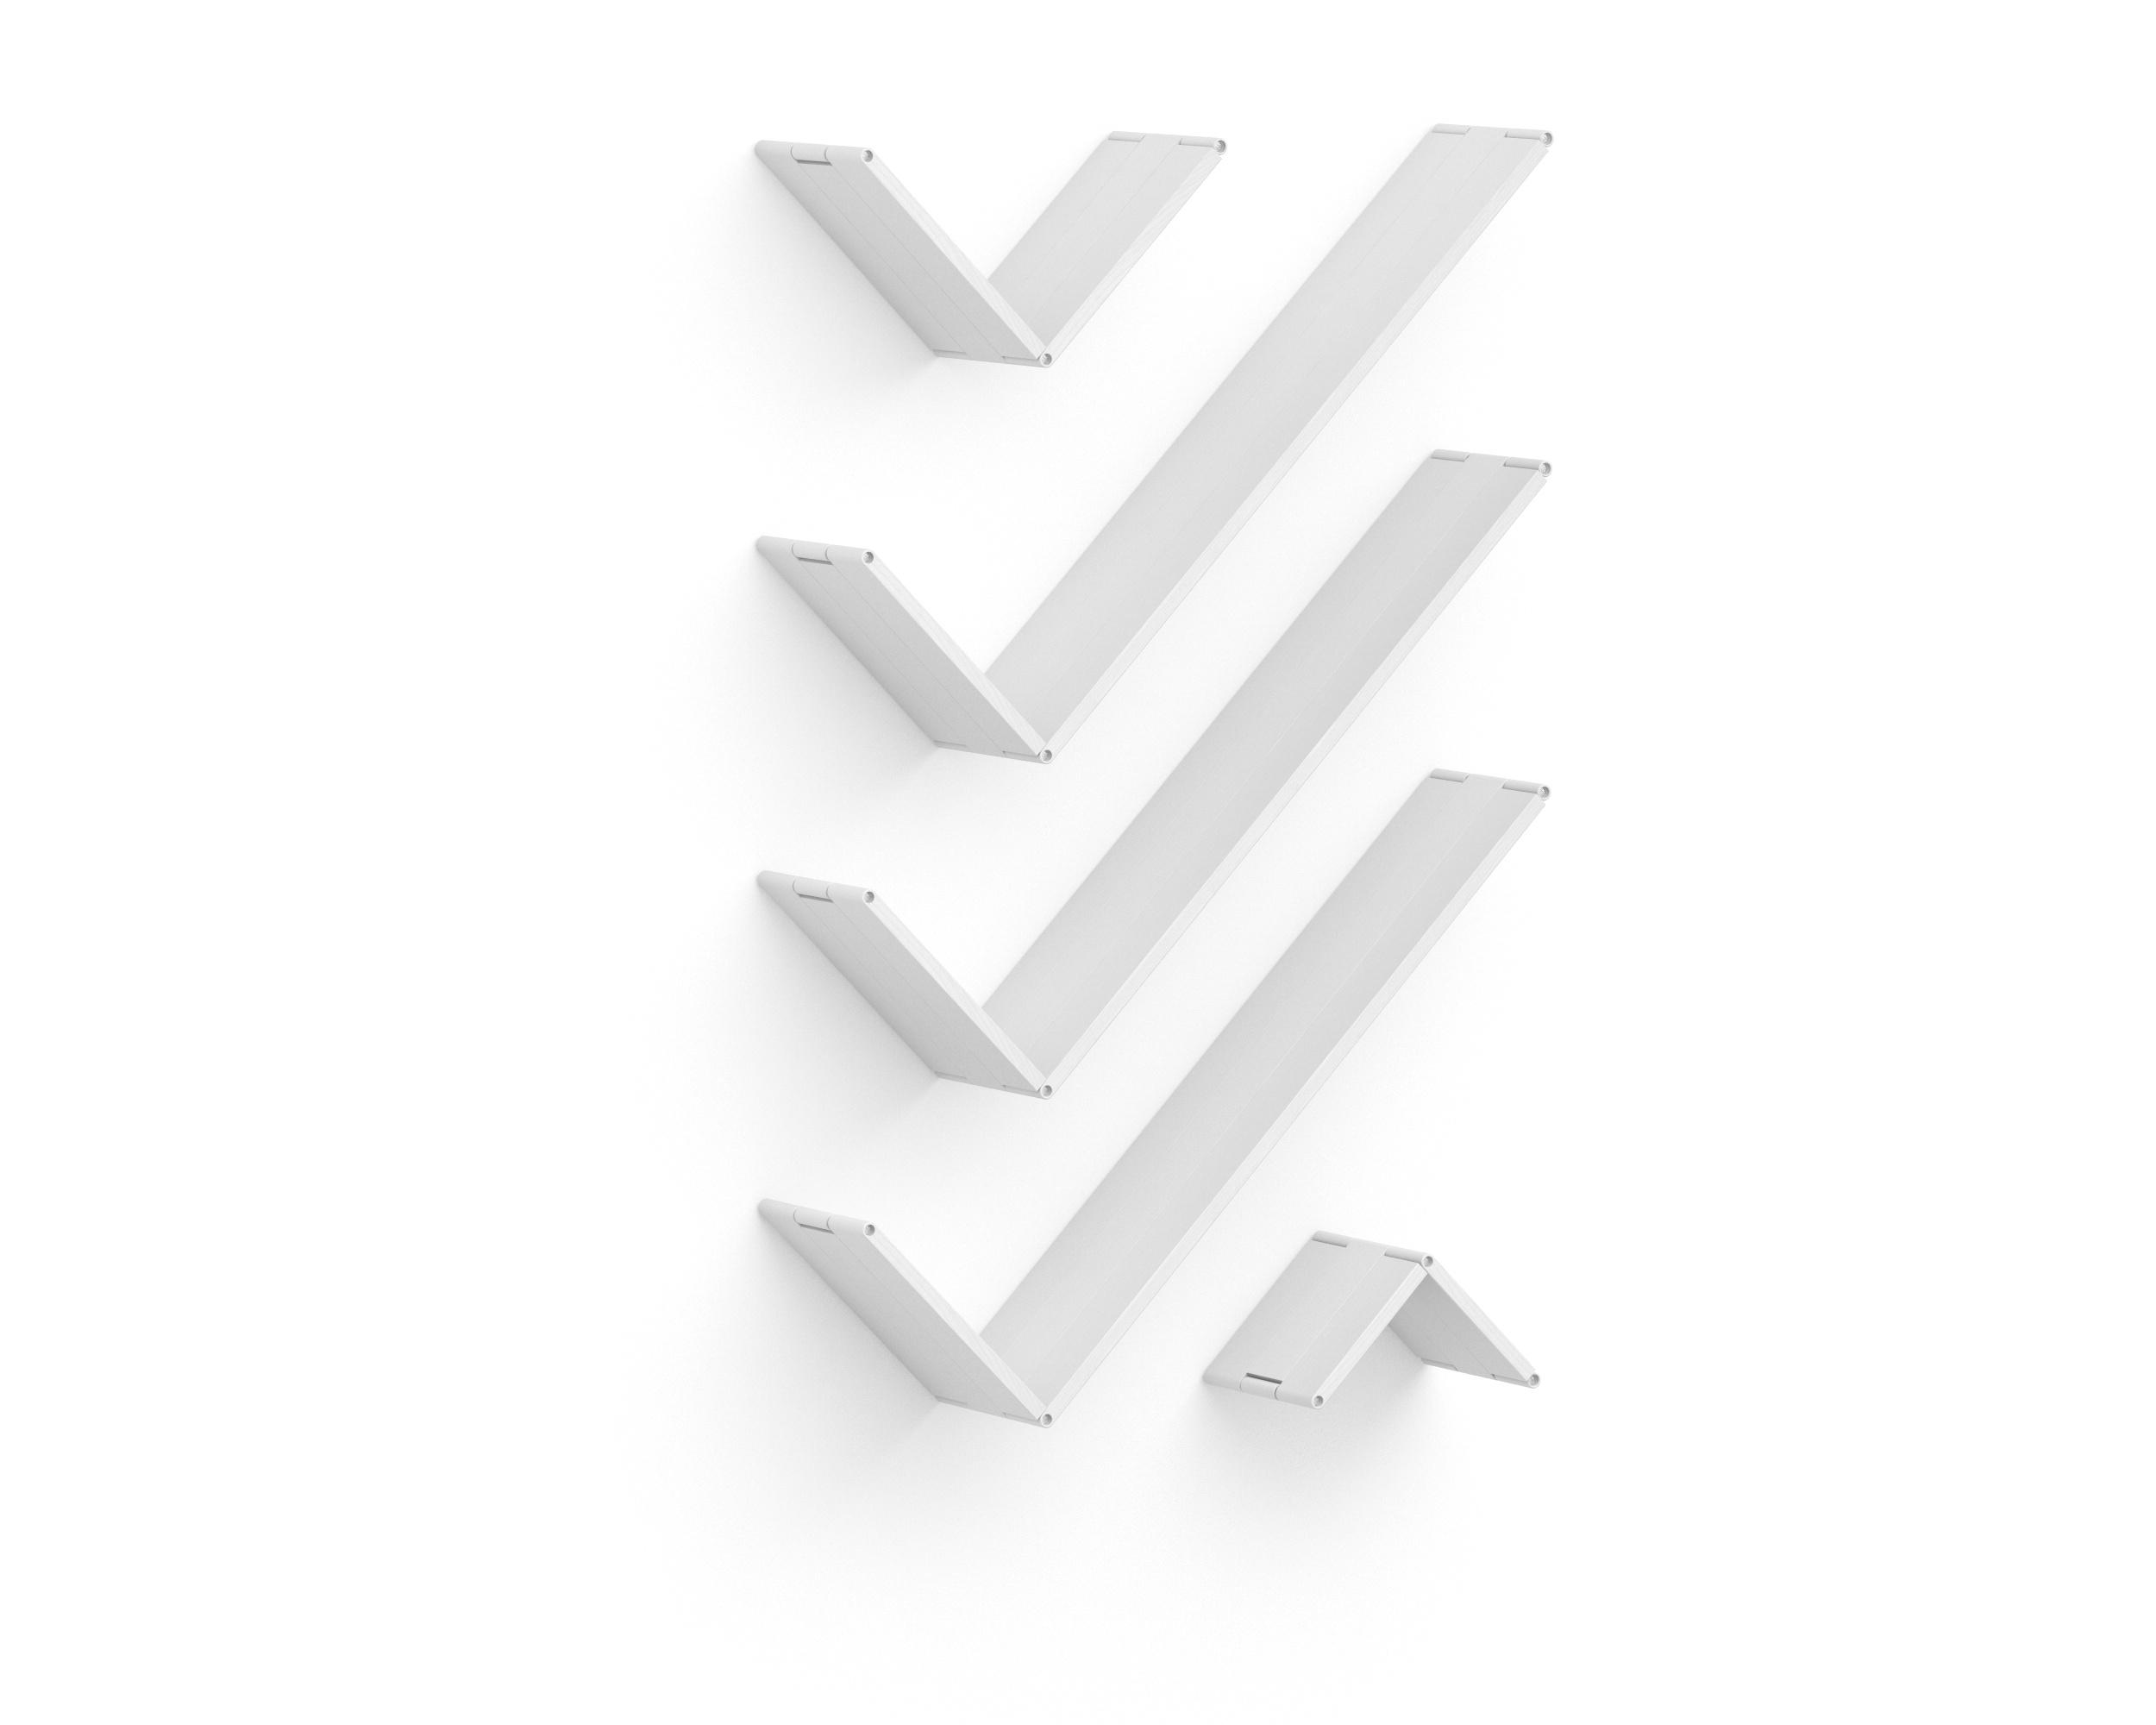 Полка-конструктор Flex Shelf 88Полки<br>цвет: натуральный ясень, красный, оранжевый, зеленый, голубой, сиреневый, белый, черный<br><br>Material: Ясень<br>Ширина см: 87<br>Высота см: 22<br>Глубина см: 150